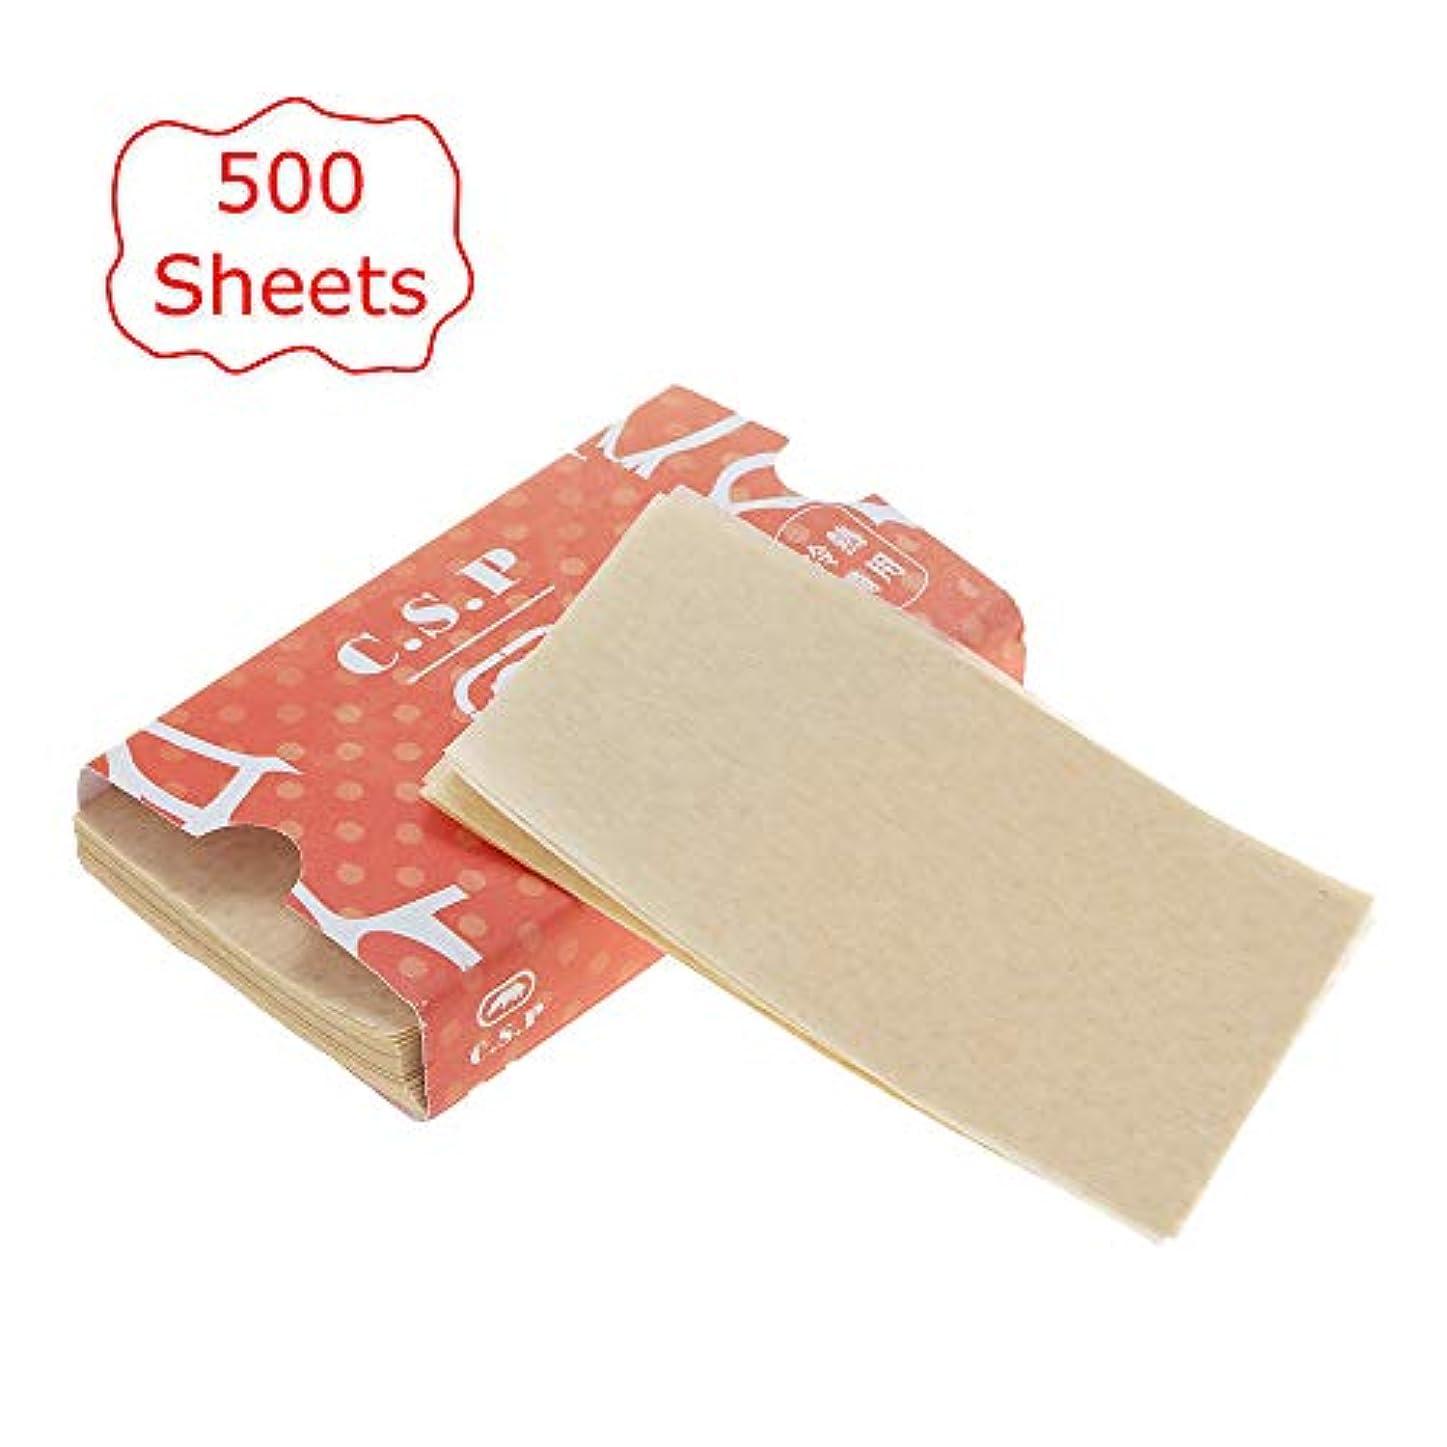 不機嫌方法後方にDecdeal 500枚 ヘアカラー紙 ヘアダイペーパー ヘアパーマツール 自宅 DIY